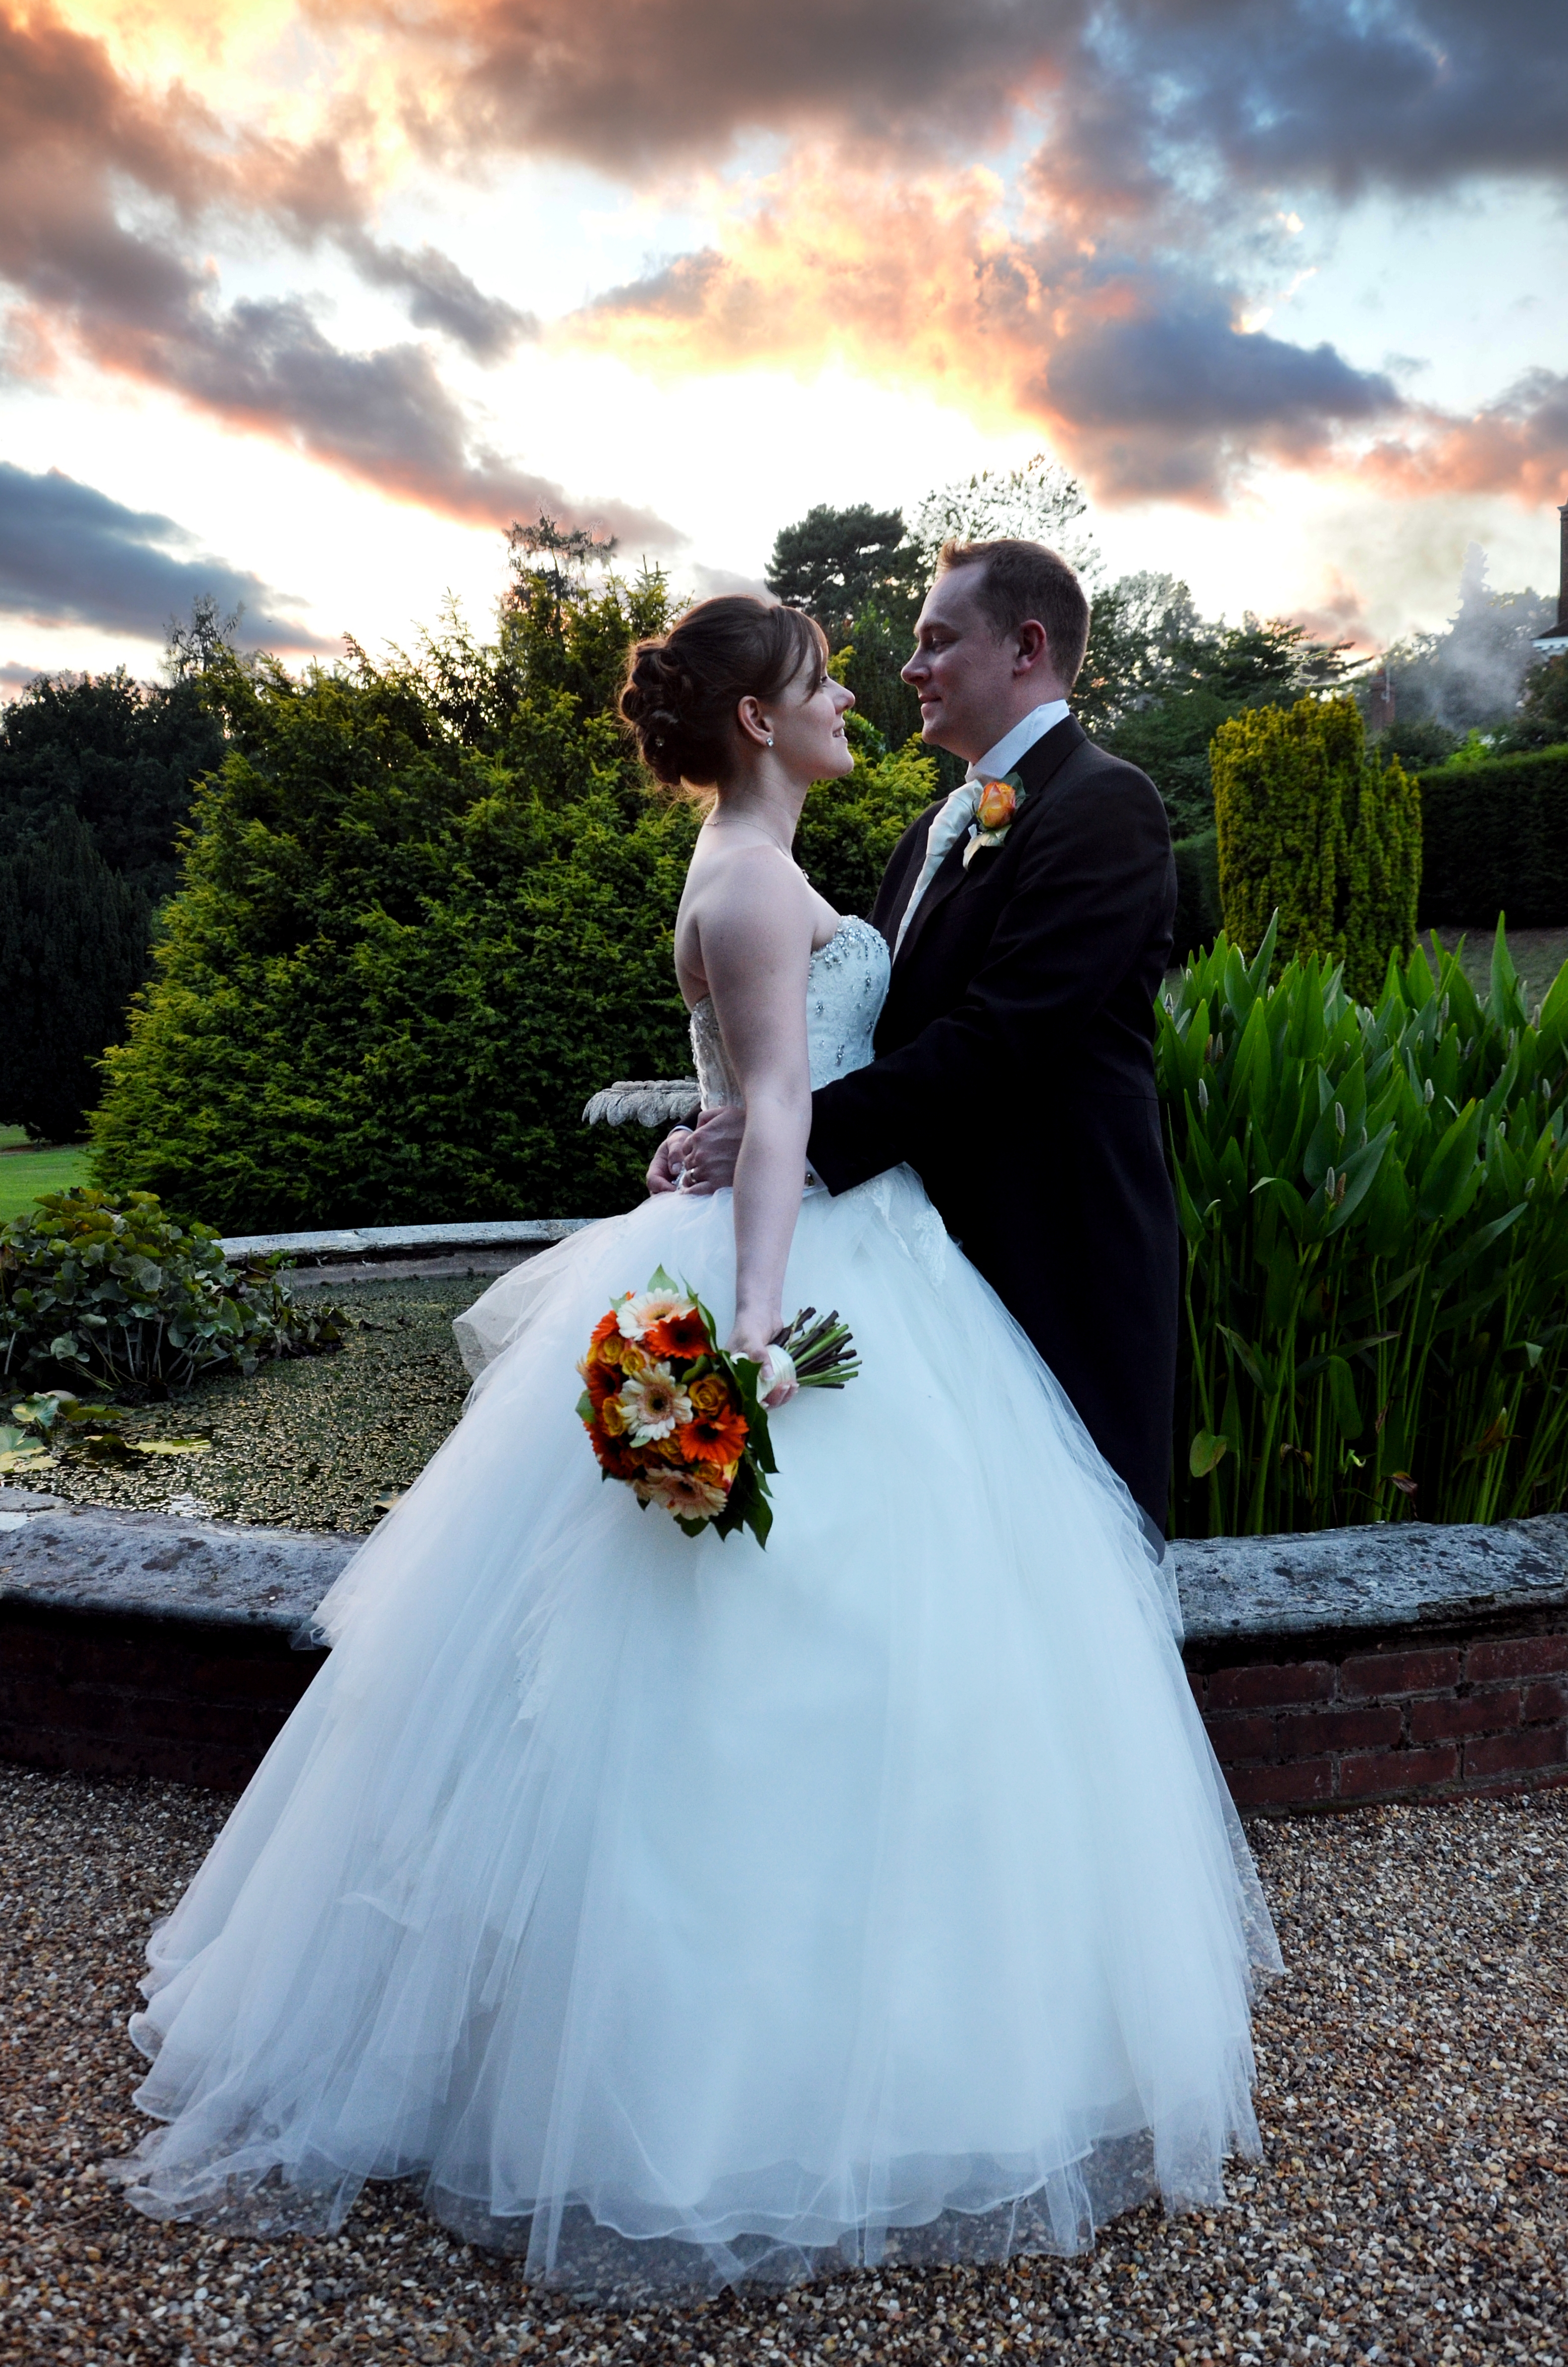 Hunton Park Wedding Photographer